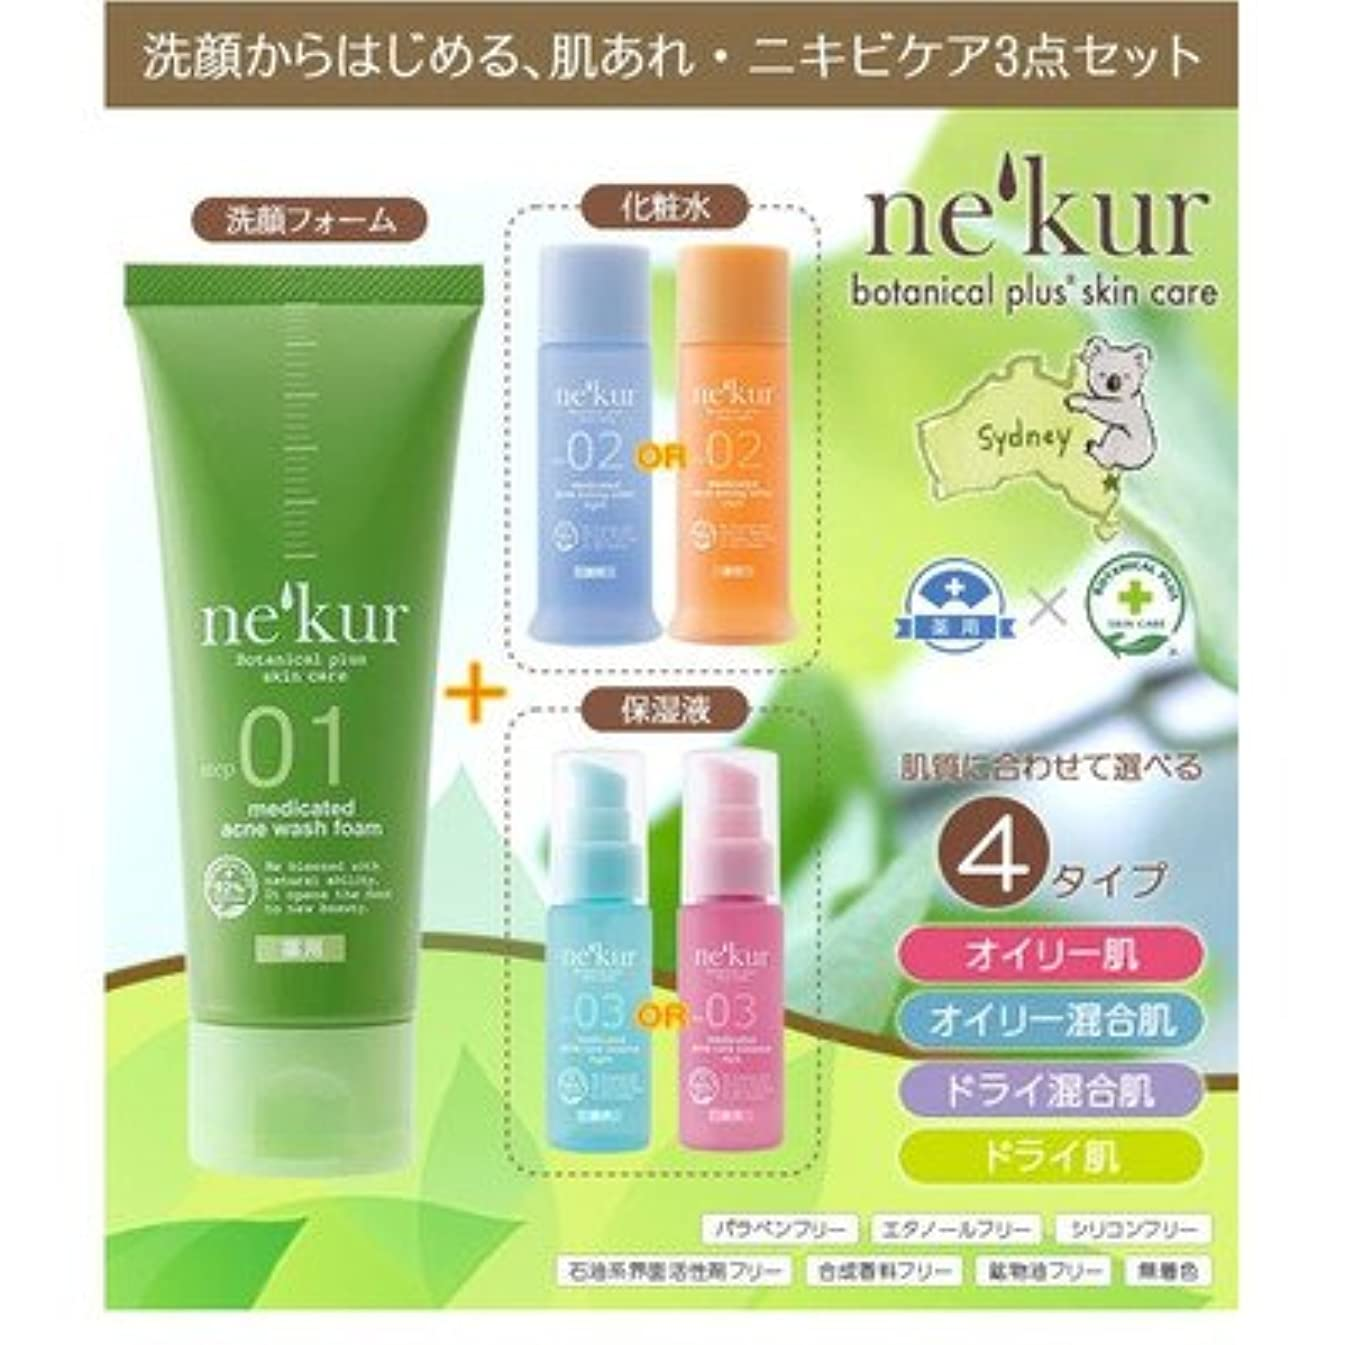 急勾配の電報チャーターネクア(nekur) ボタニカルプラススキンケア 薬用アクネ洗顔3点セット オイリー肌セット( 画像はイメージ画像です お届けの商品はオイリー肌セットのみとなります)